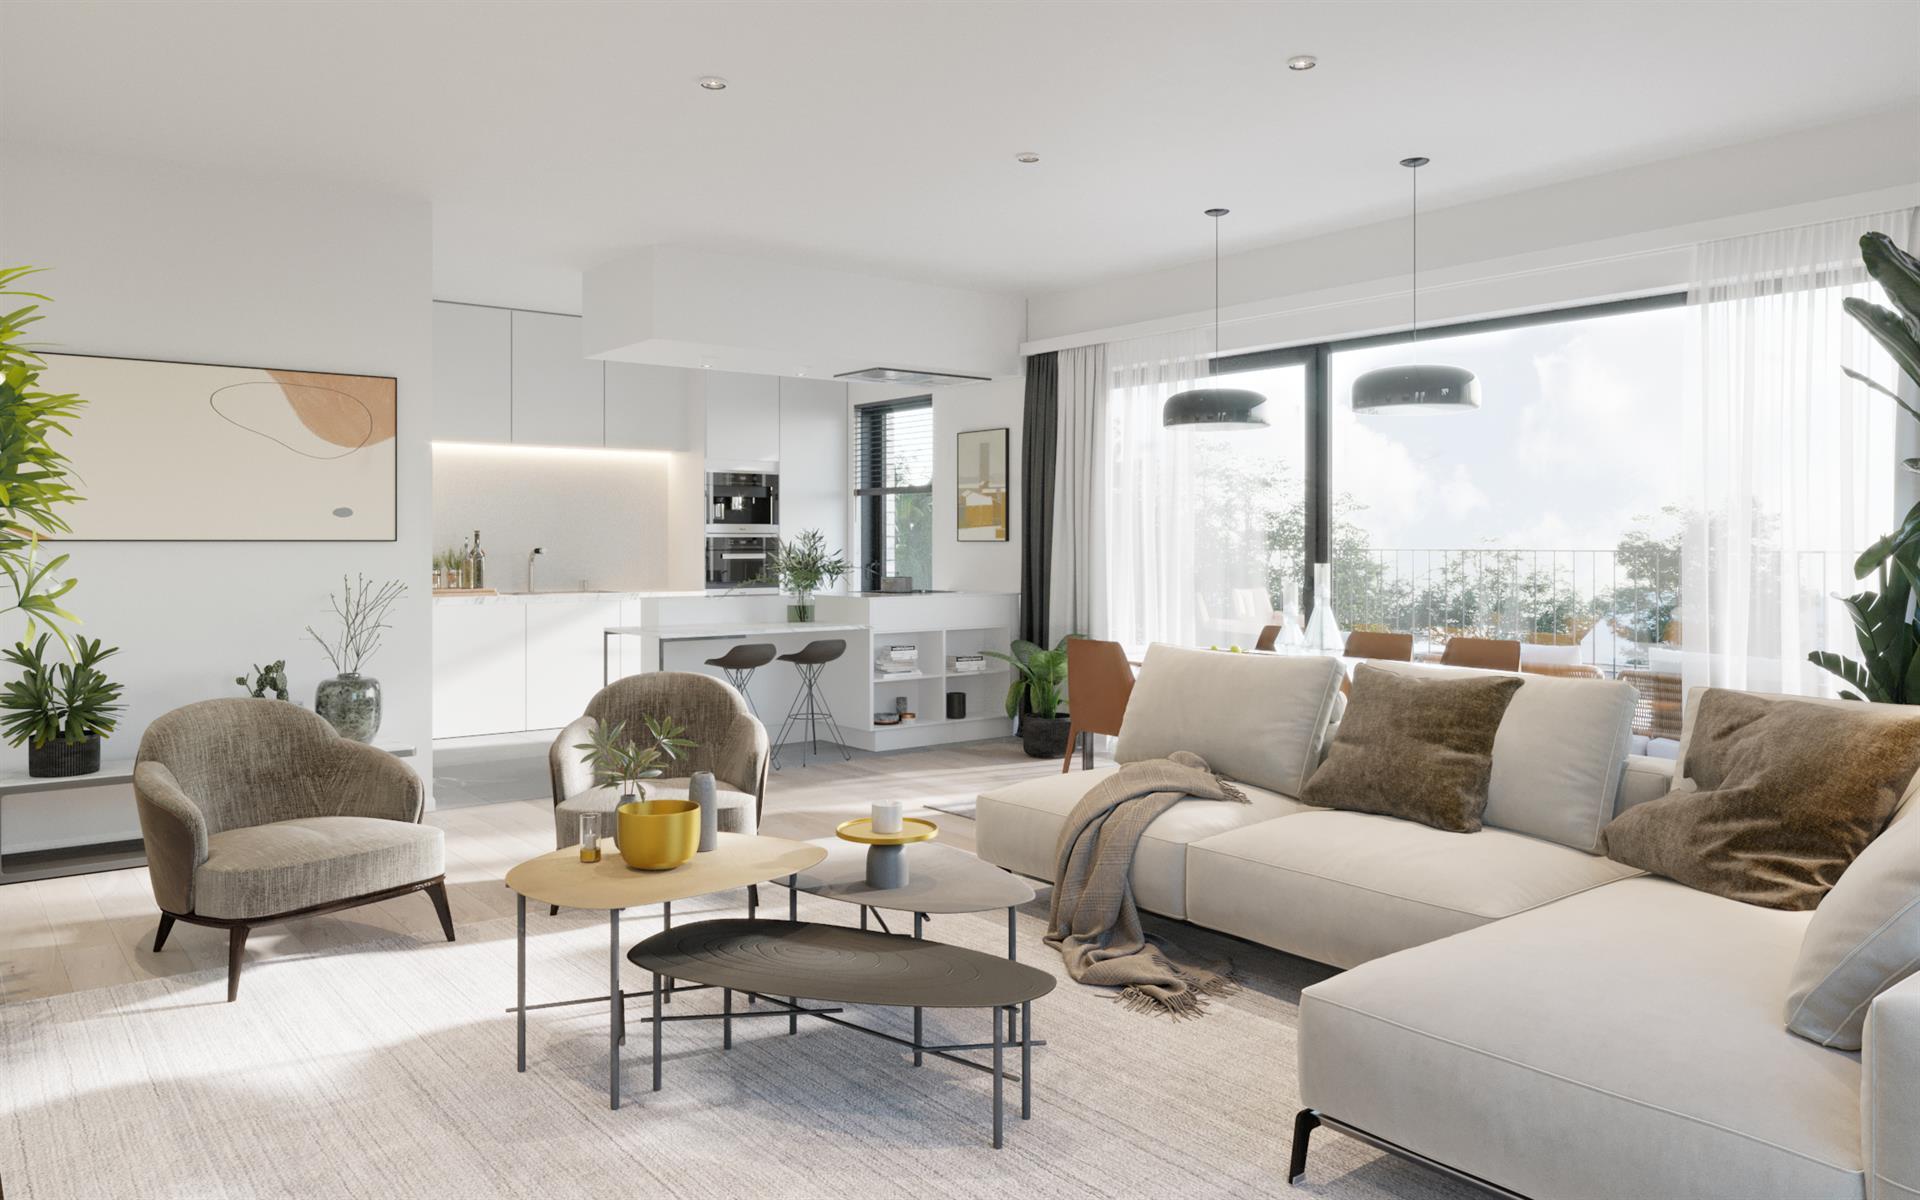 Appartement Te koop Gent Wondelgem App 129-304